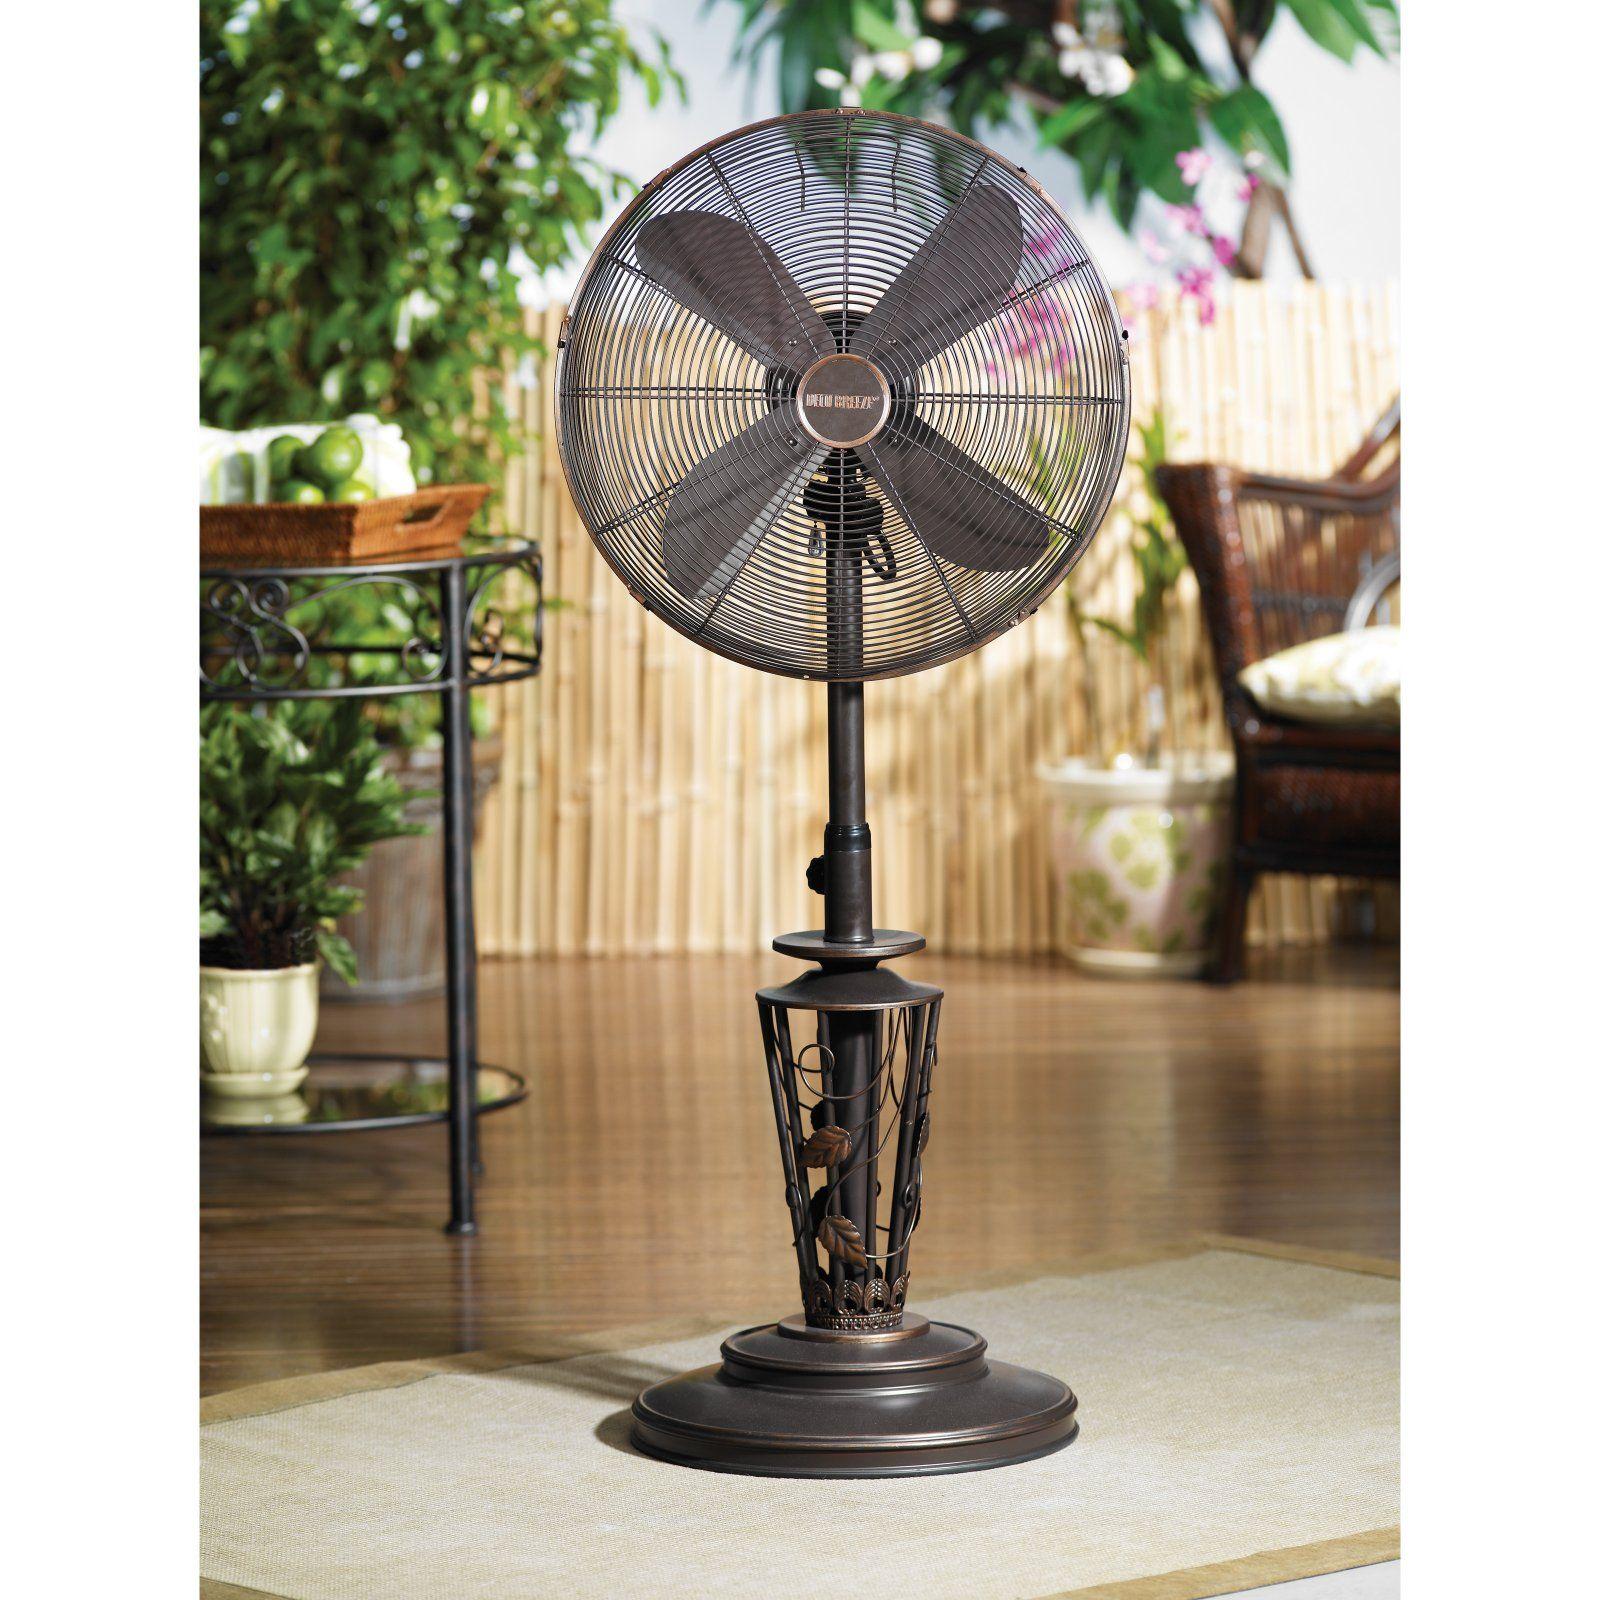 Deco Breeze Deco Breeze Outdoor Standing Fan Vines Outdoor Fan Outdoor Standing Fans Patio Fan